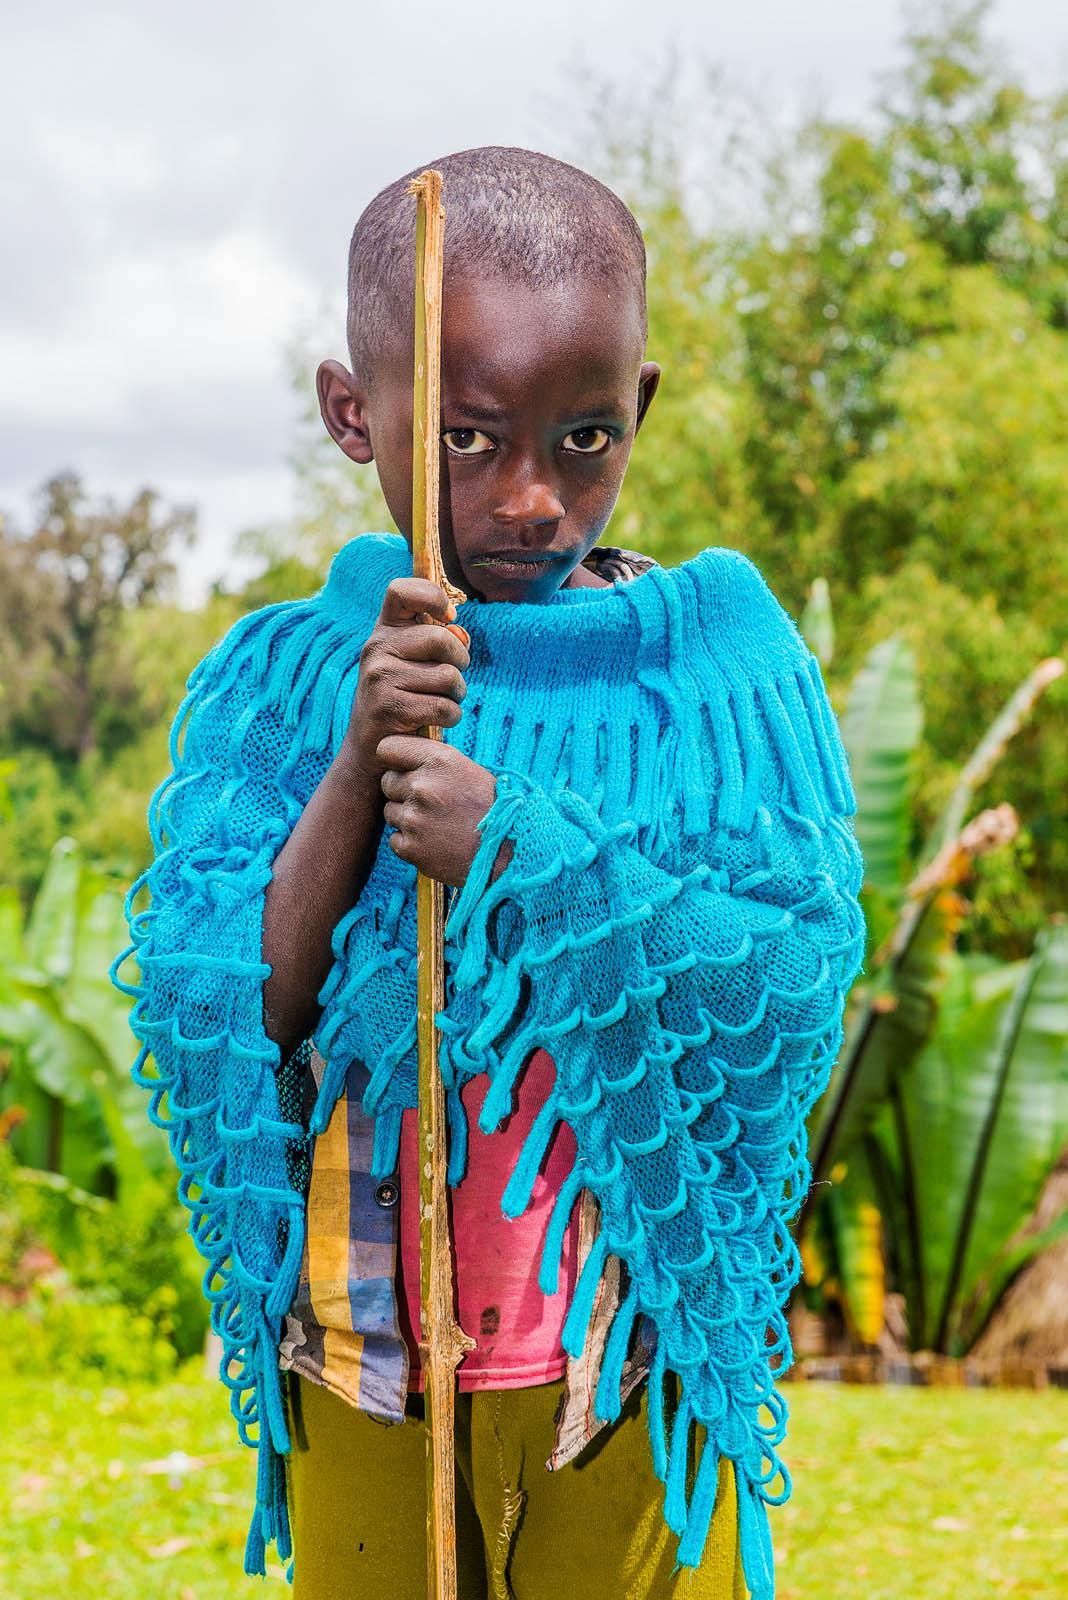 ETHIOPIA015